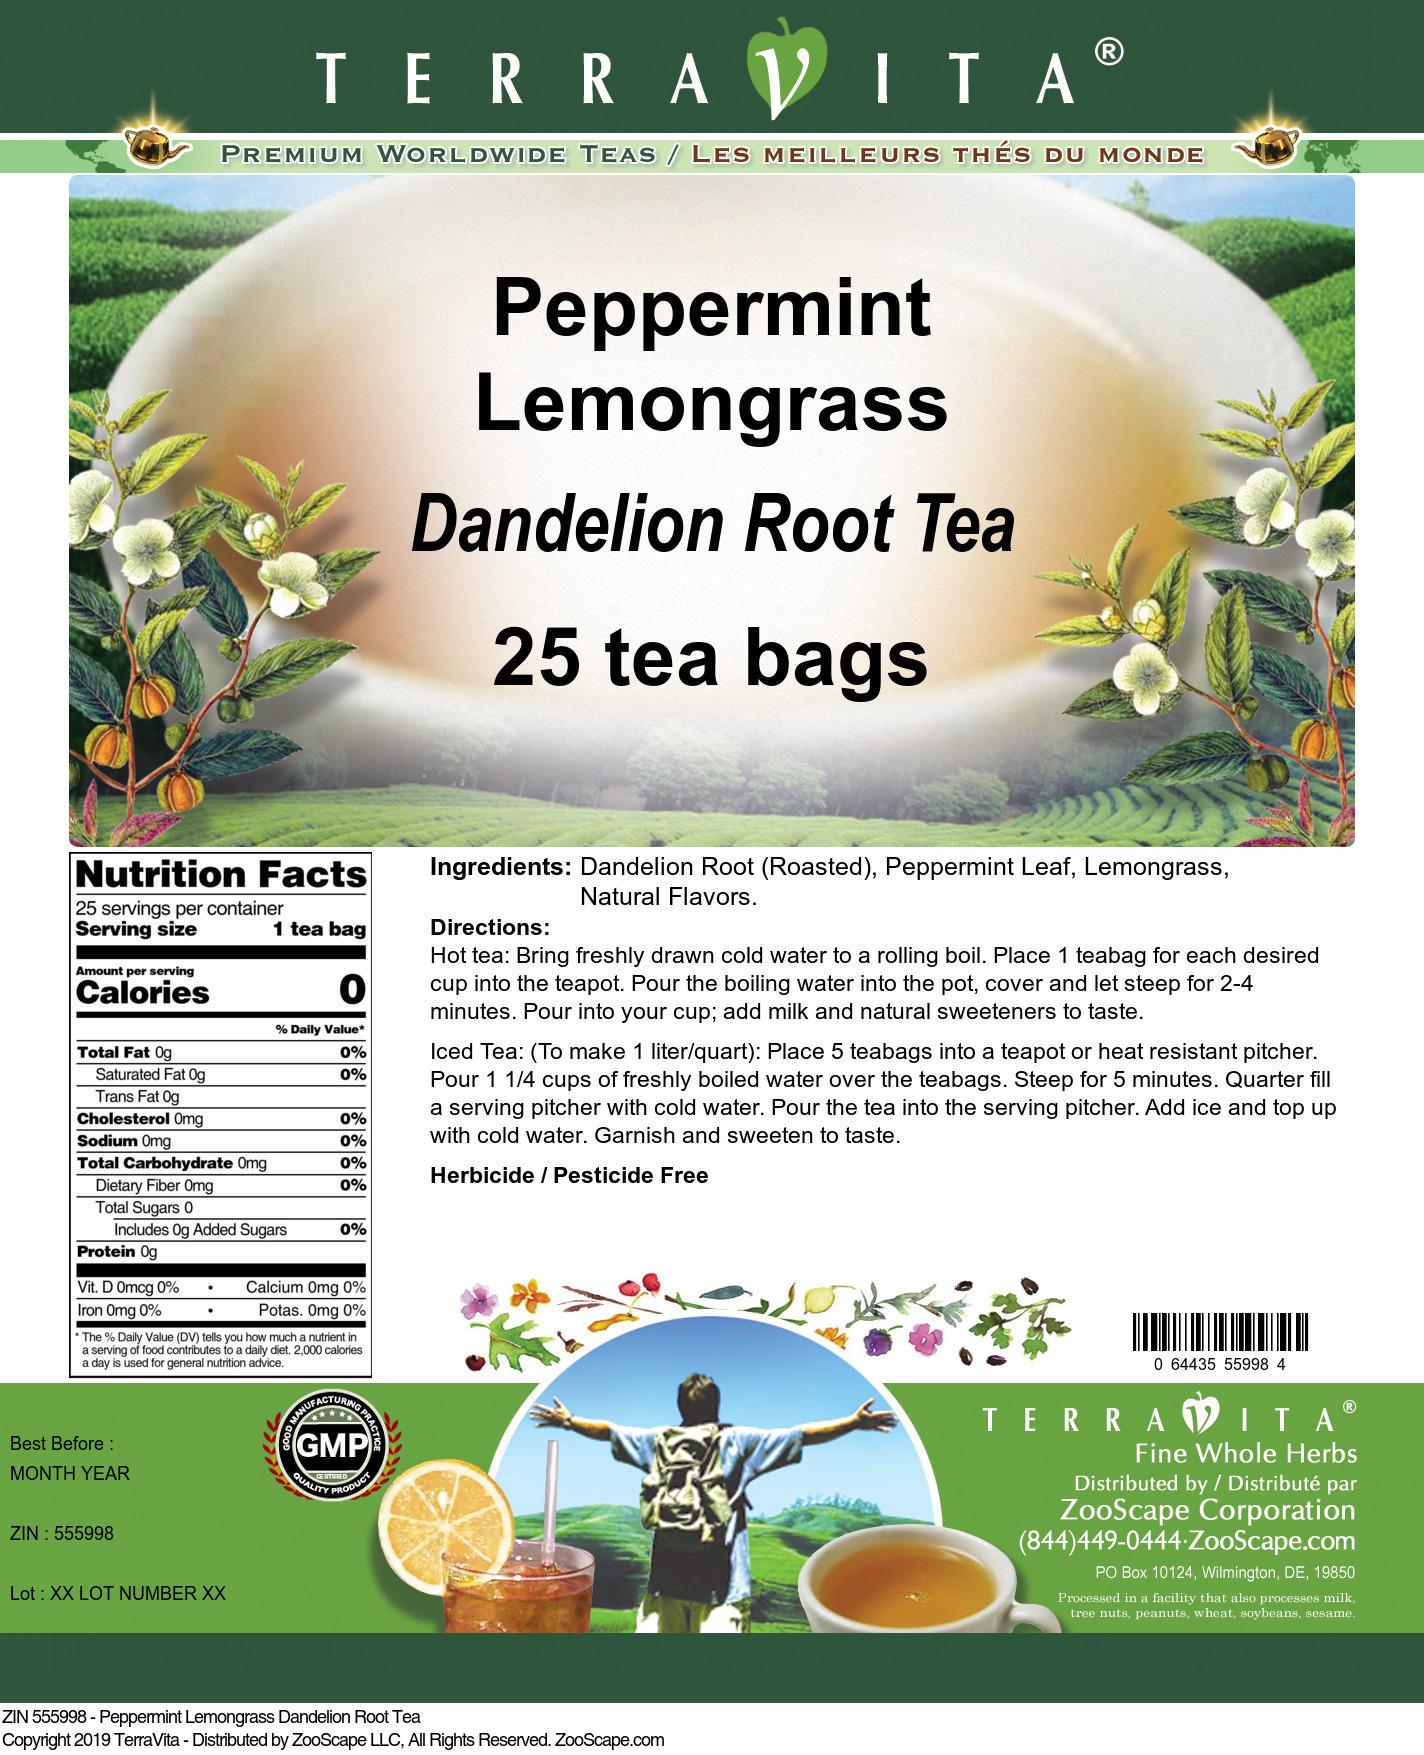 Peppermint Lemongrass Dandelion Root